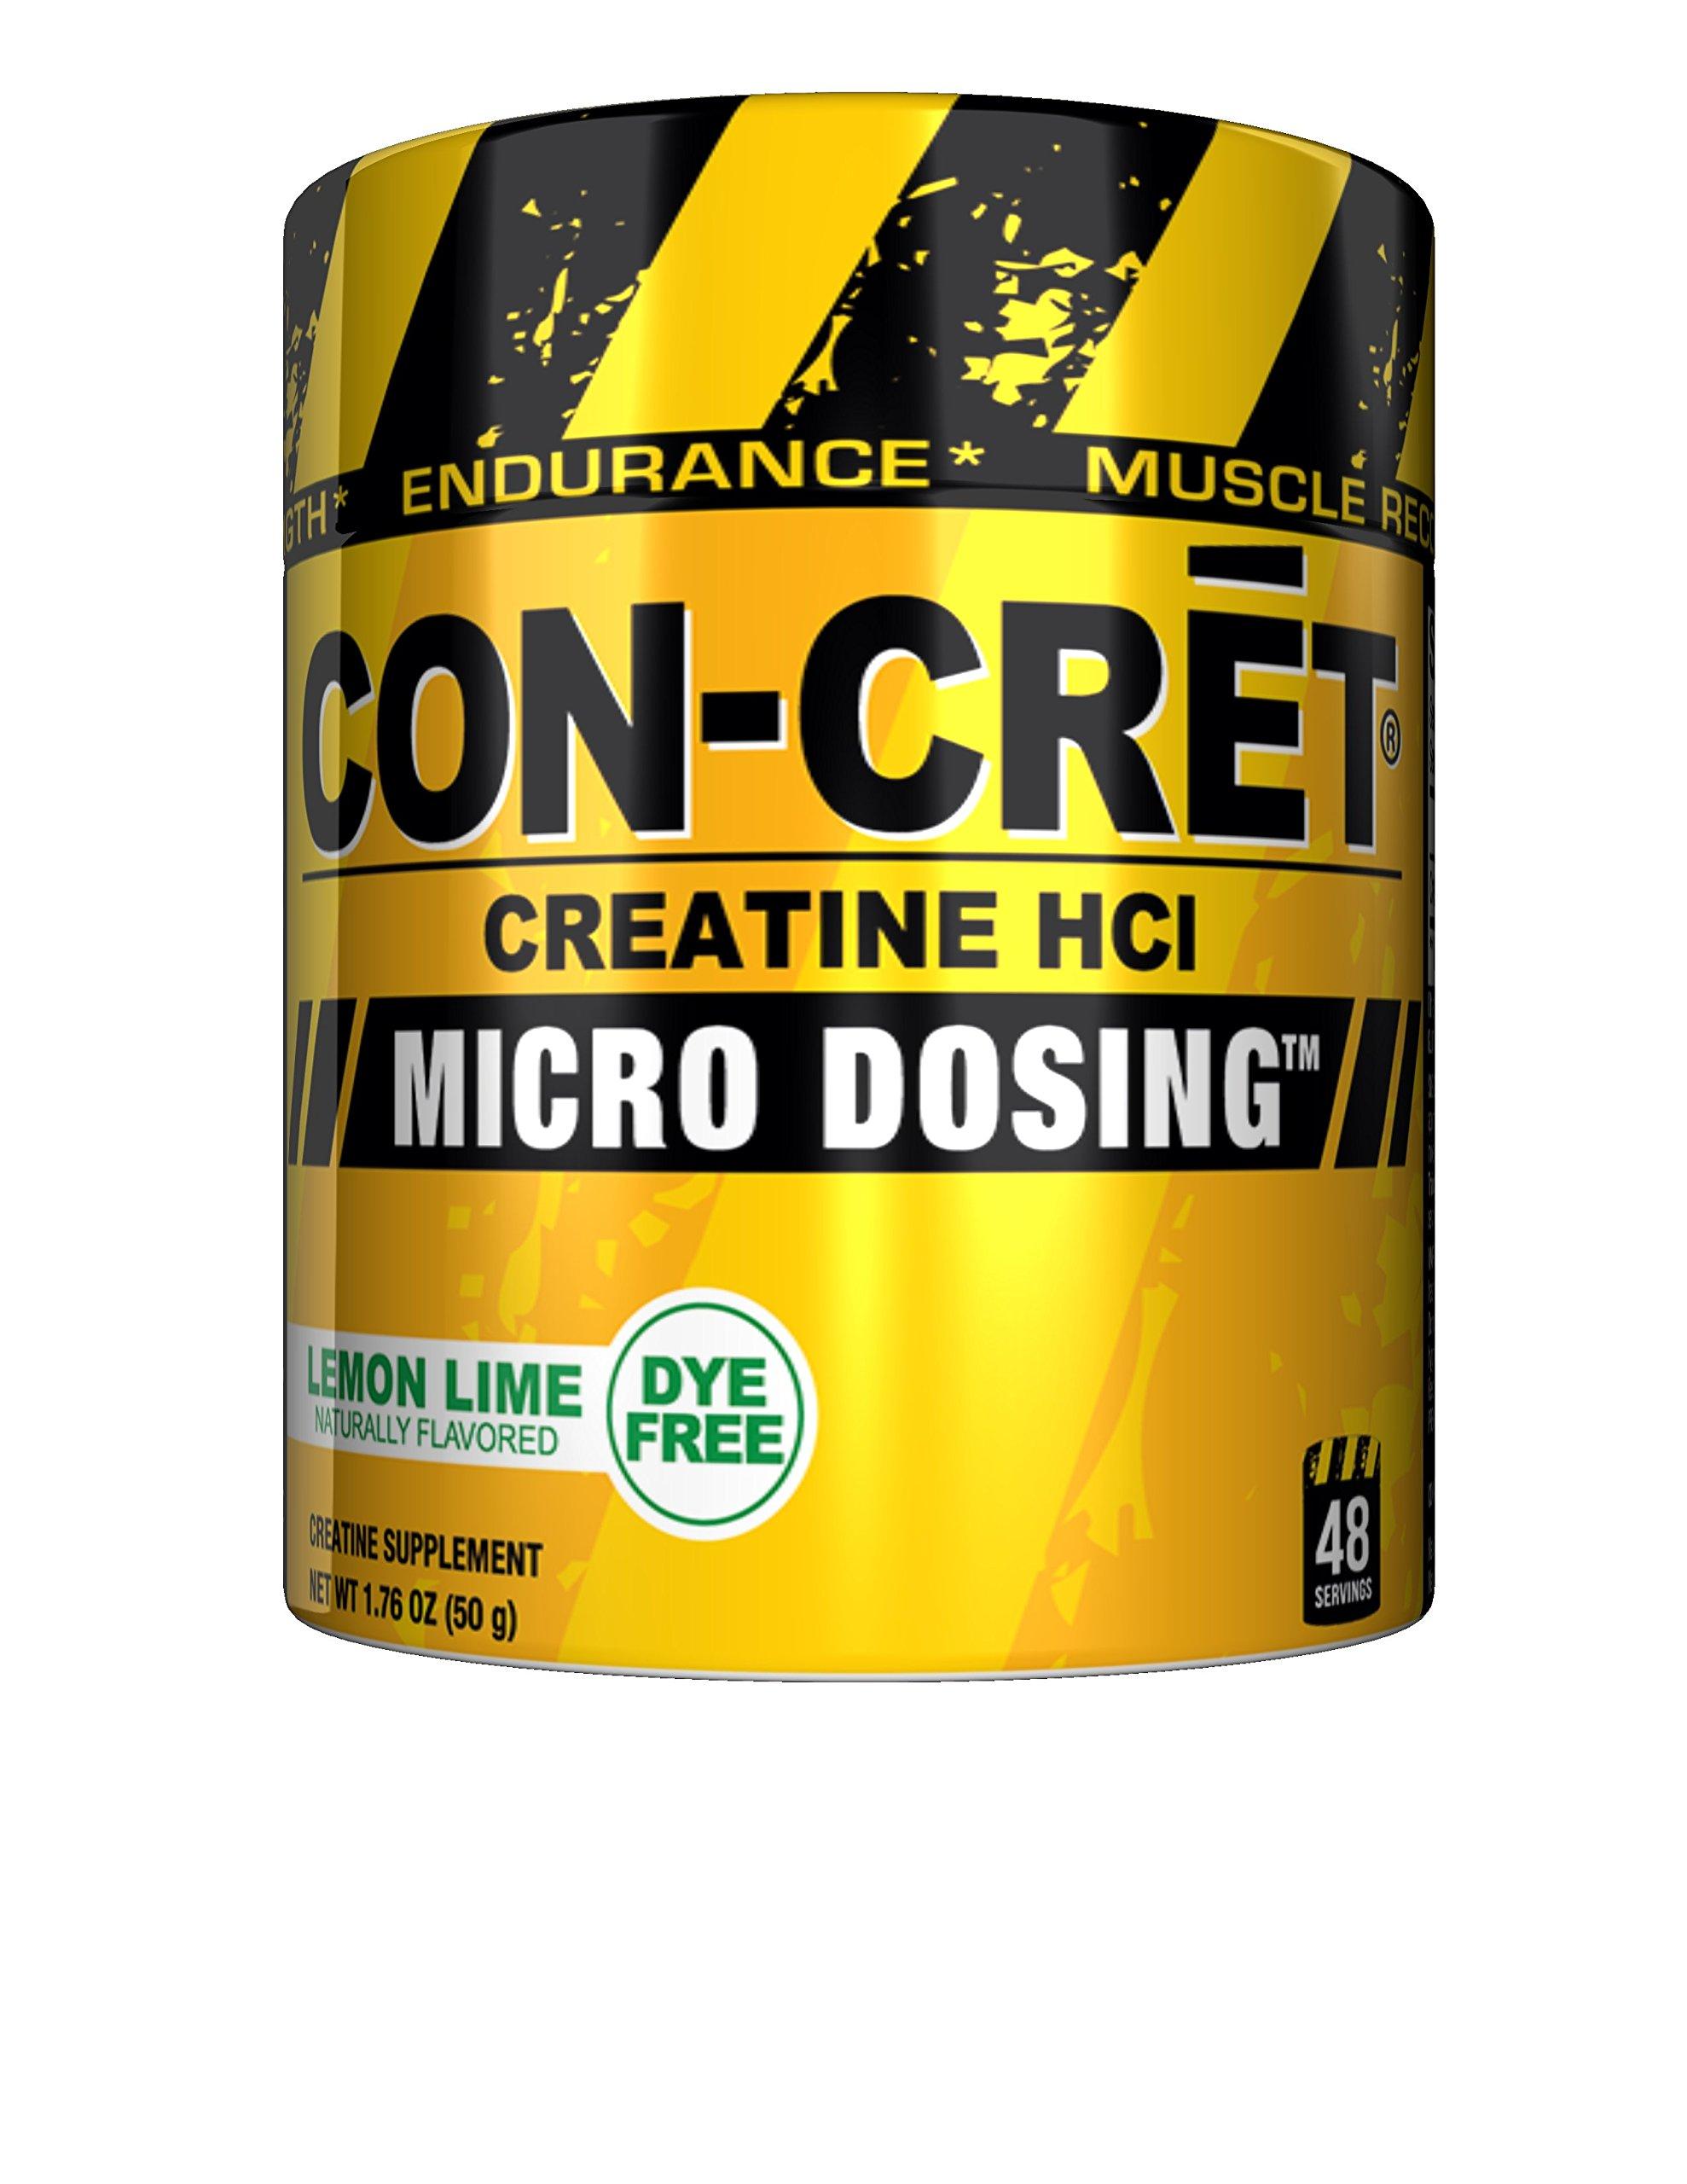 CON_CRET Creatine HCL, Lemon Lime,1.76 oz, 48 Servings by ProMera Sports